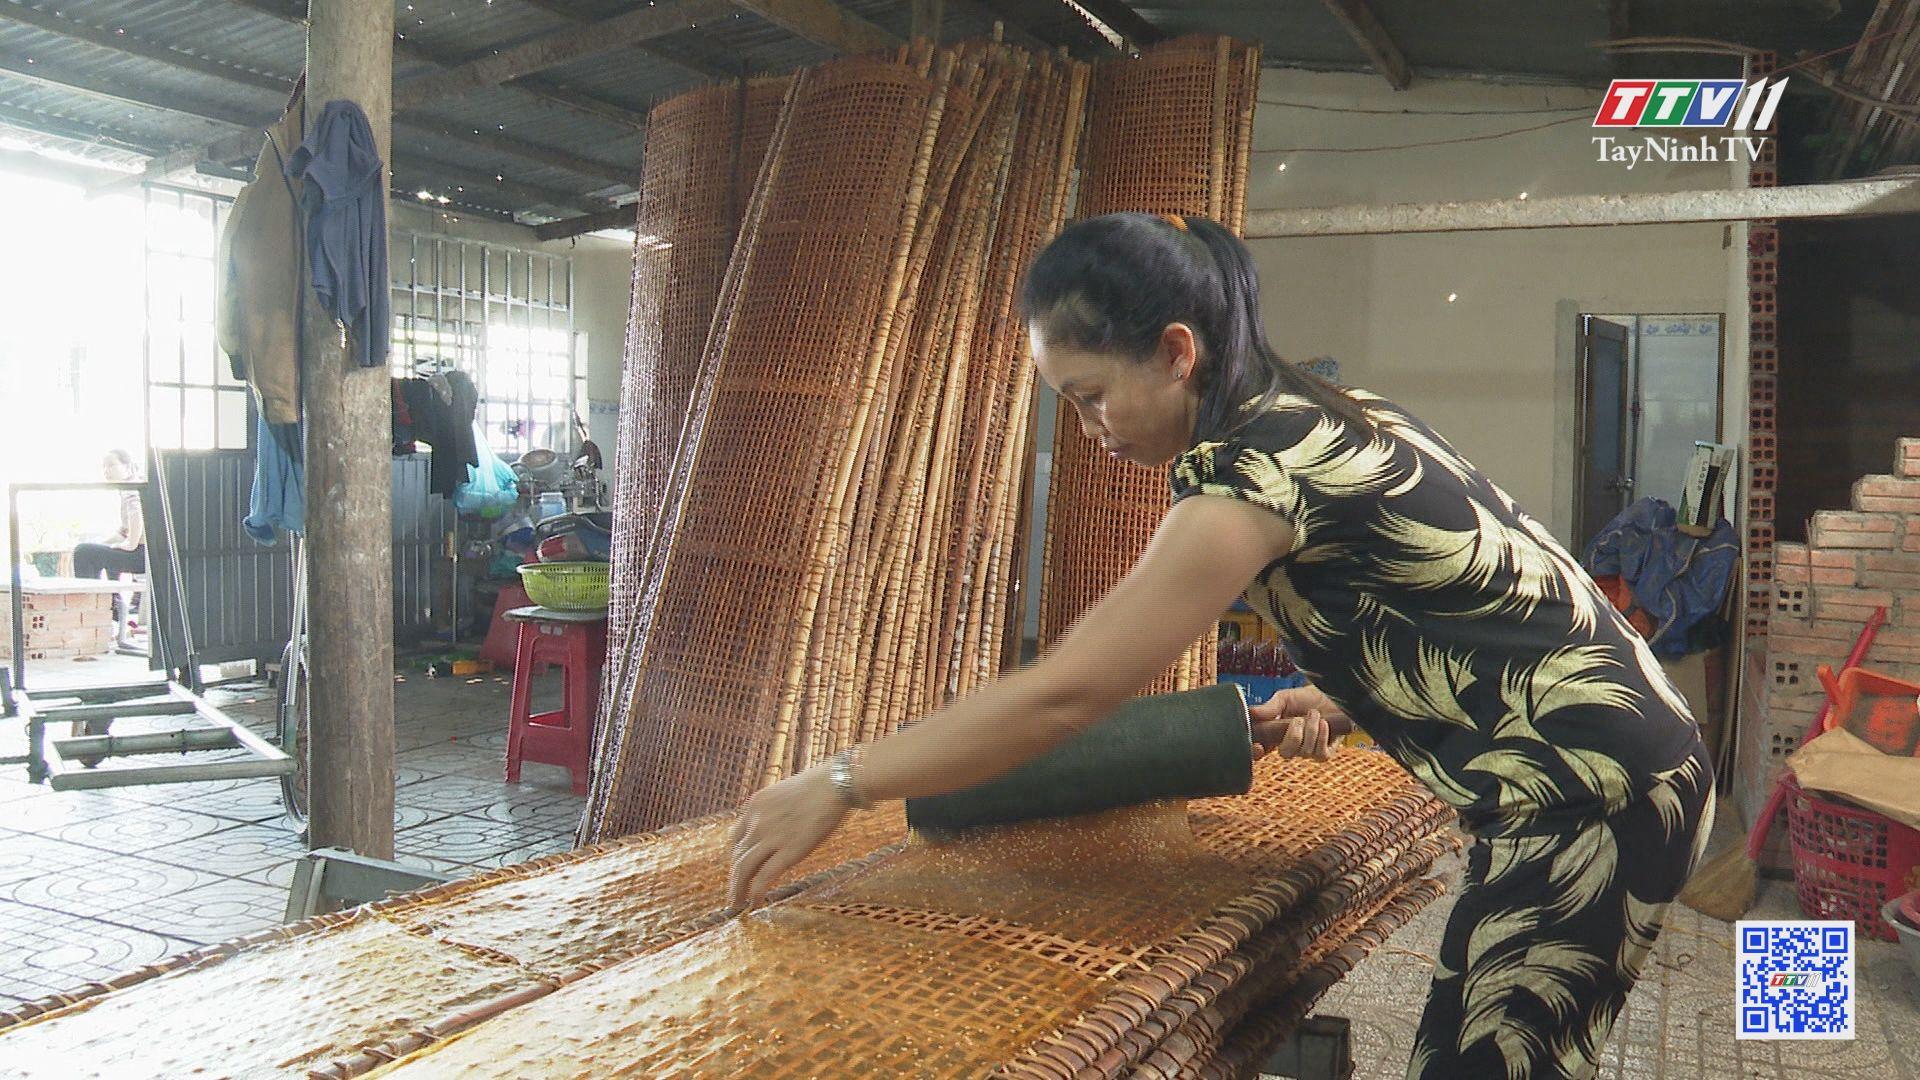 Phụ nữ thị trấn Châu Thành từng bước vươn lên thoát nghèo | GIẢM NGHÈO BỀN VỮNG | TayNinhTV